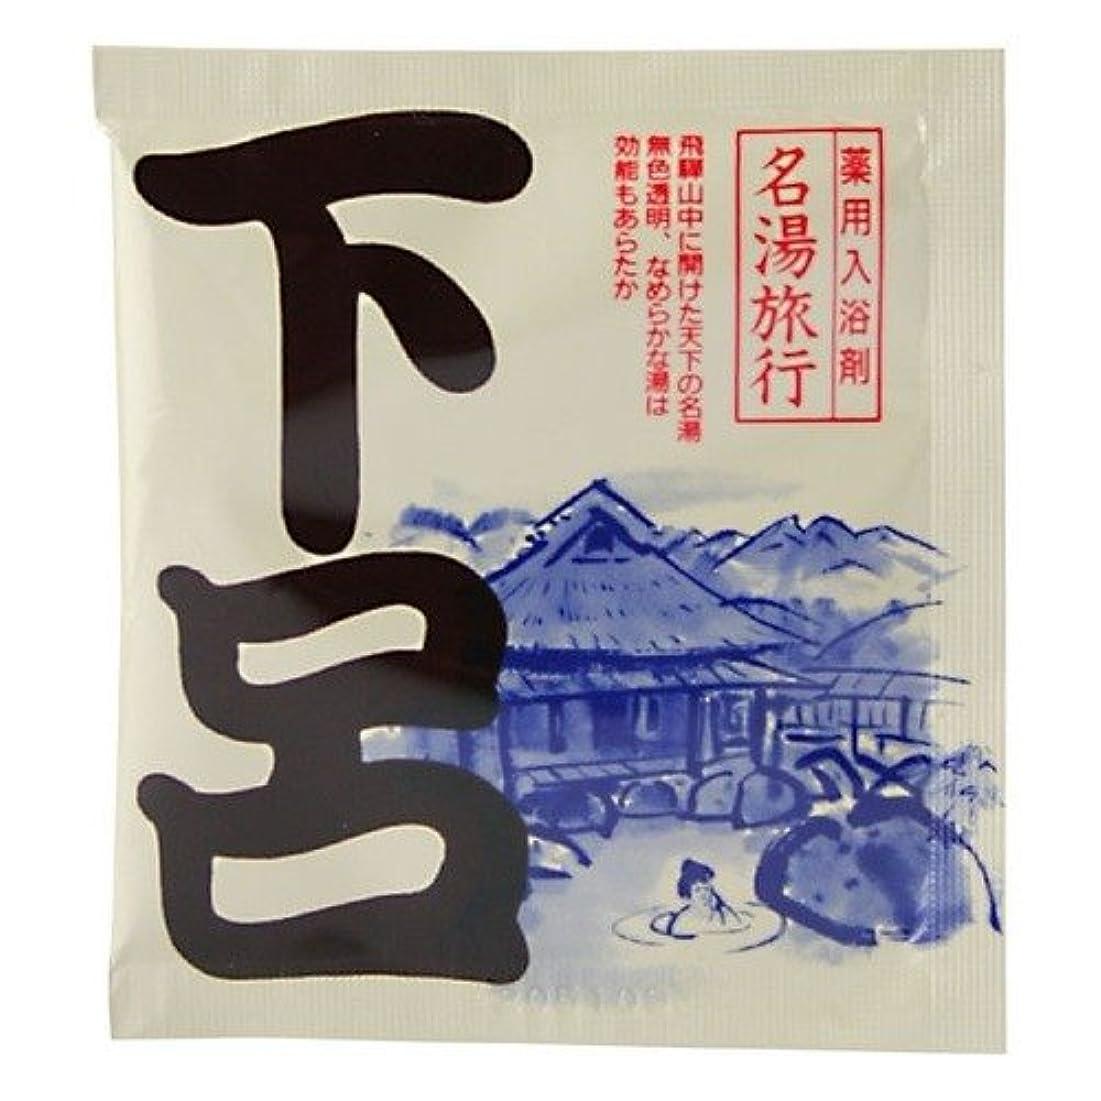 郵便番号泳ぐ研究所五洲薬品 名湯旅行 下呂 25g 4987332126751